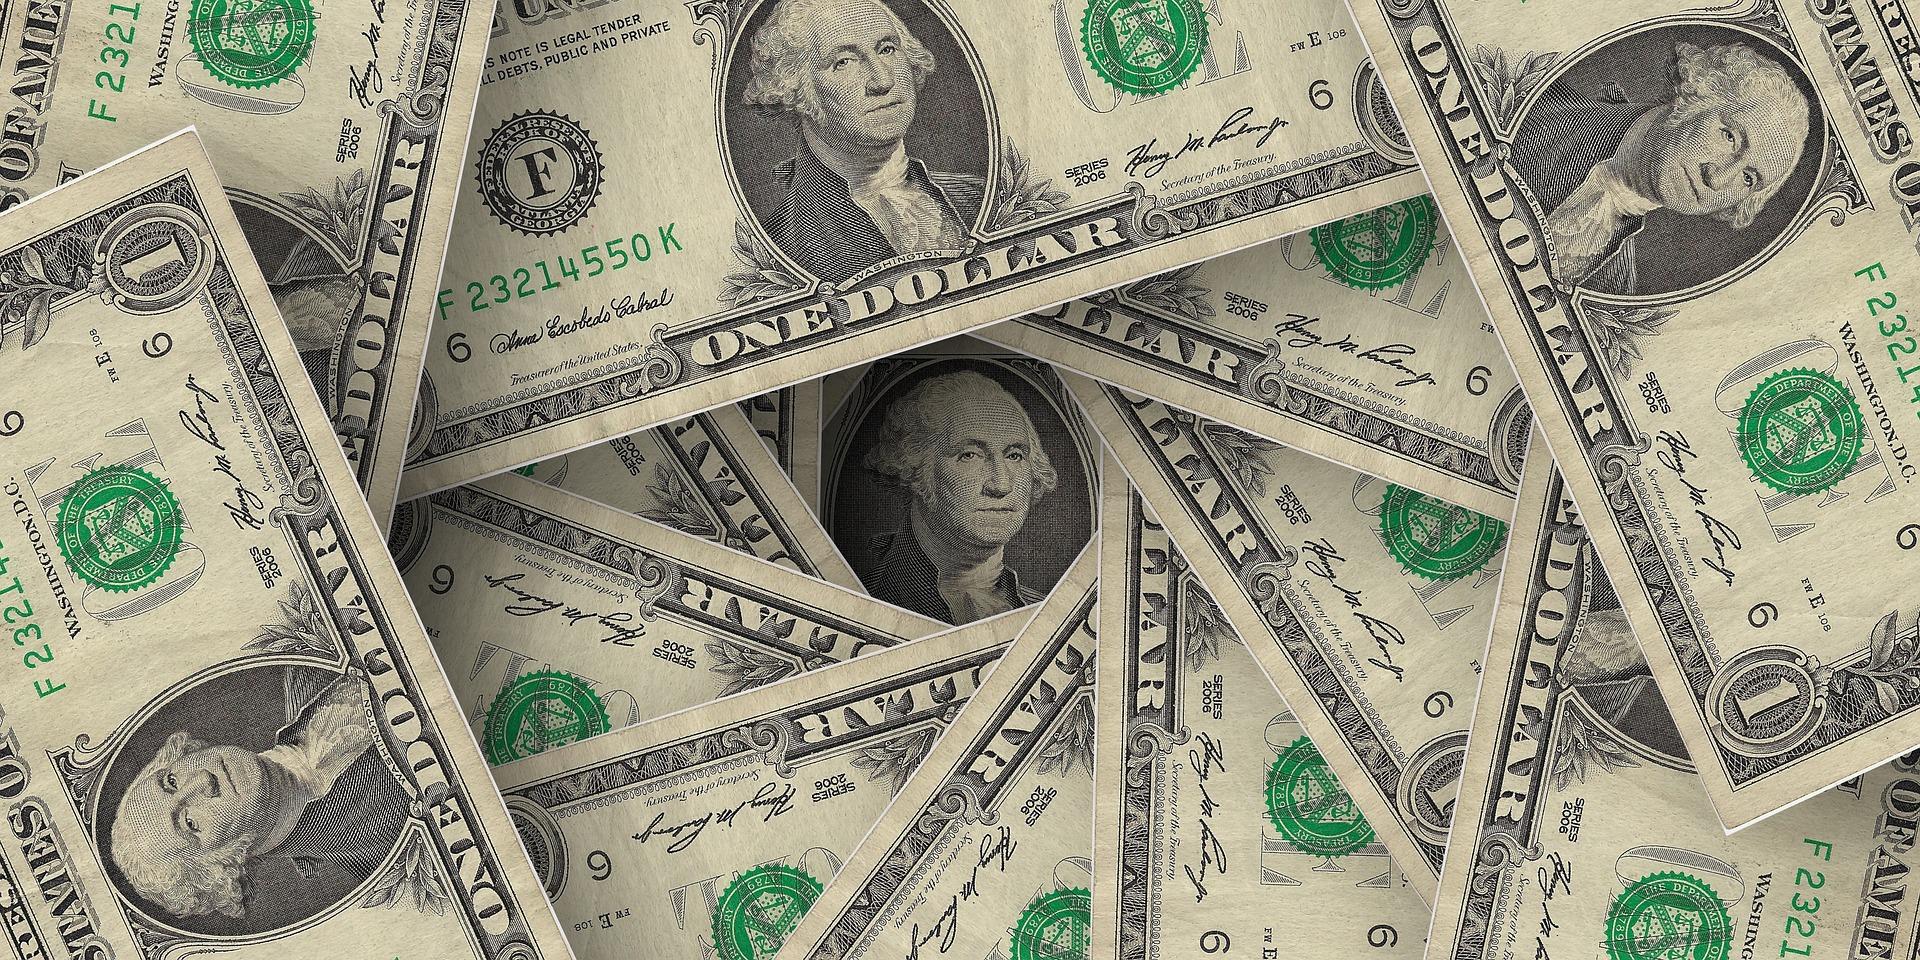 Чистий прибуток компанії Louis Dreyfus збільшився на 77%